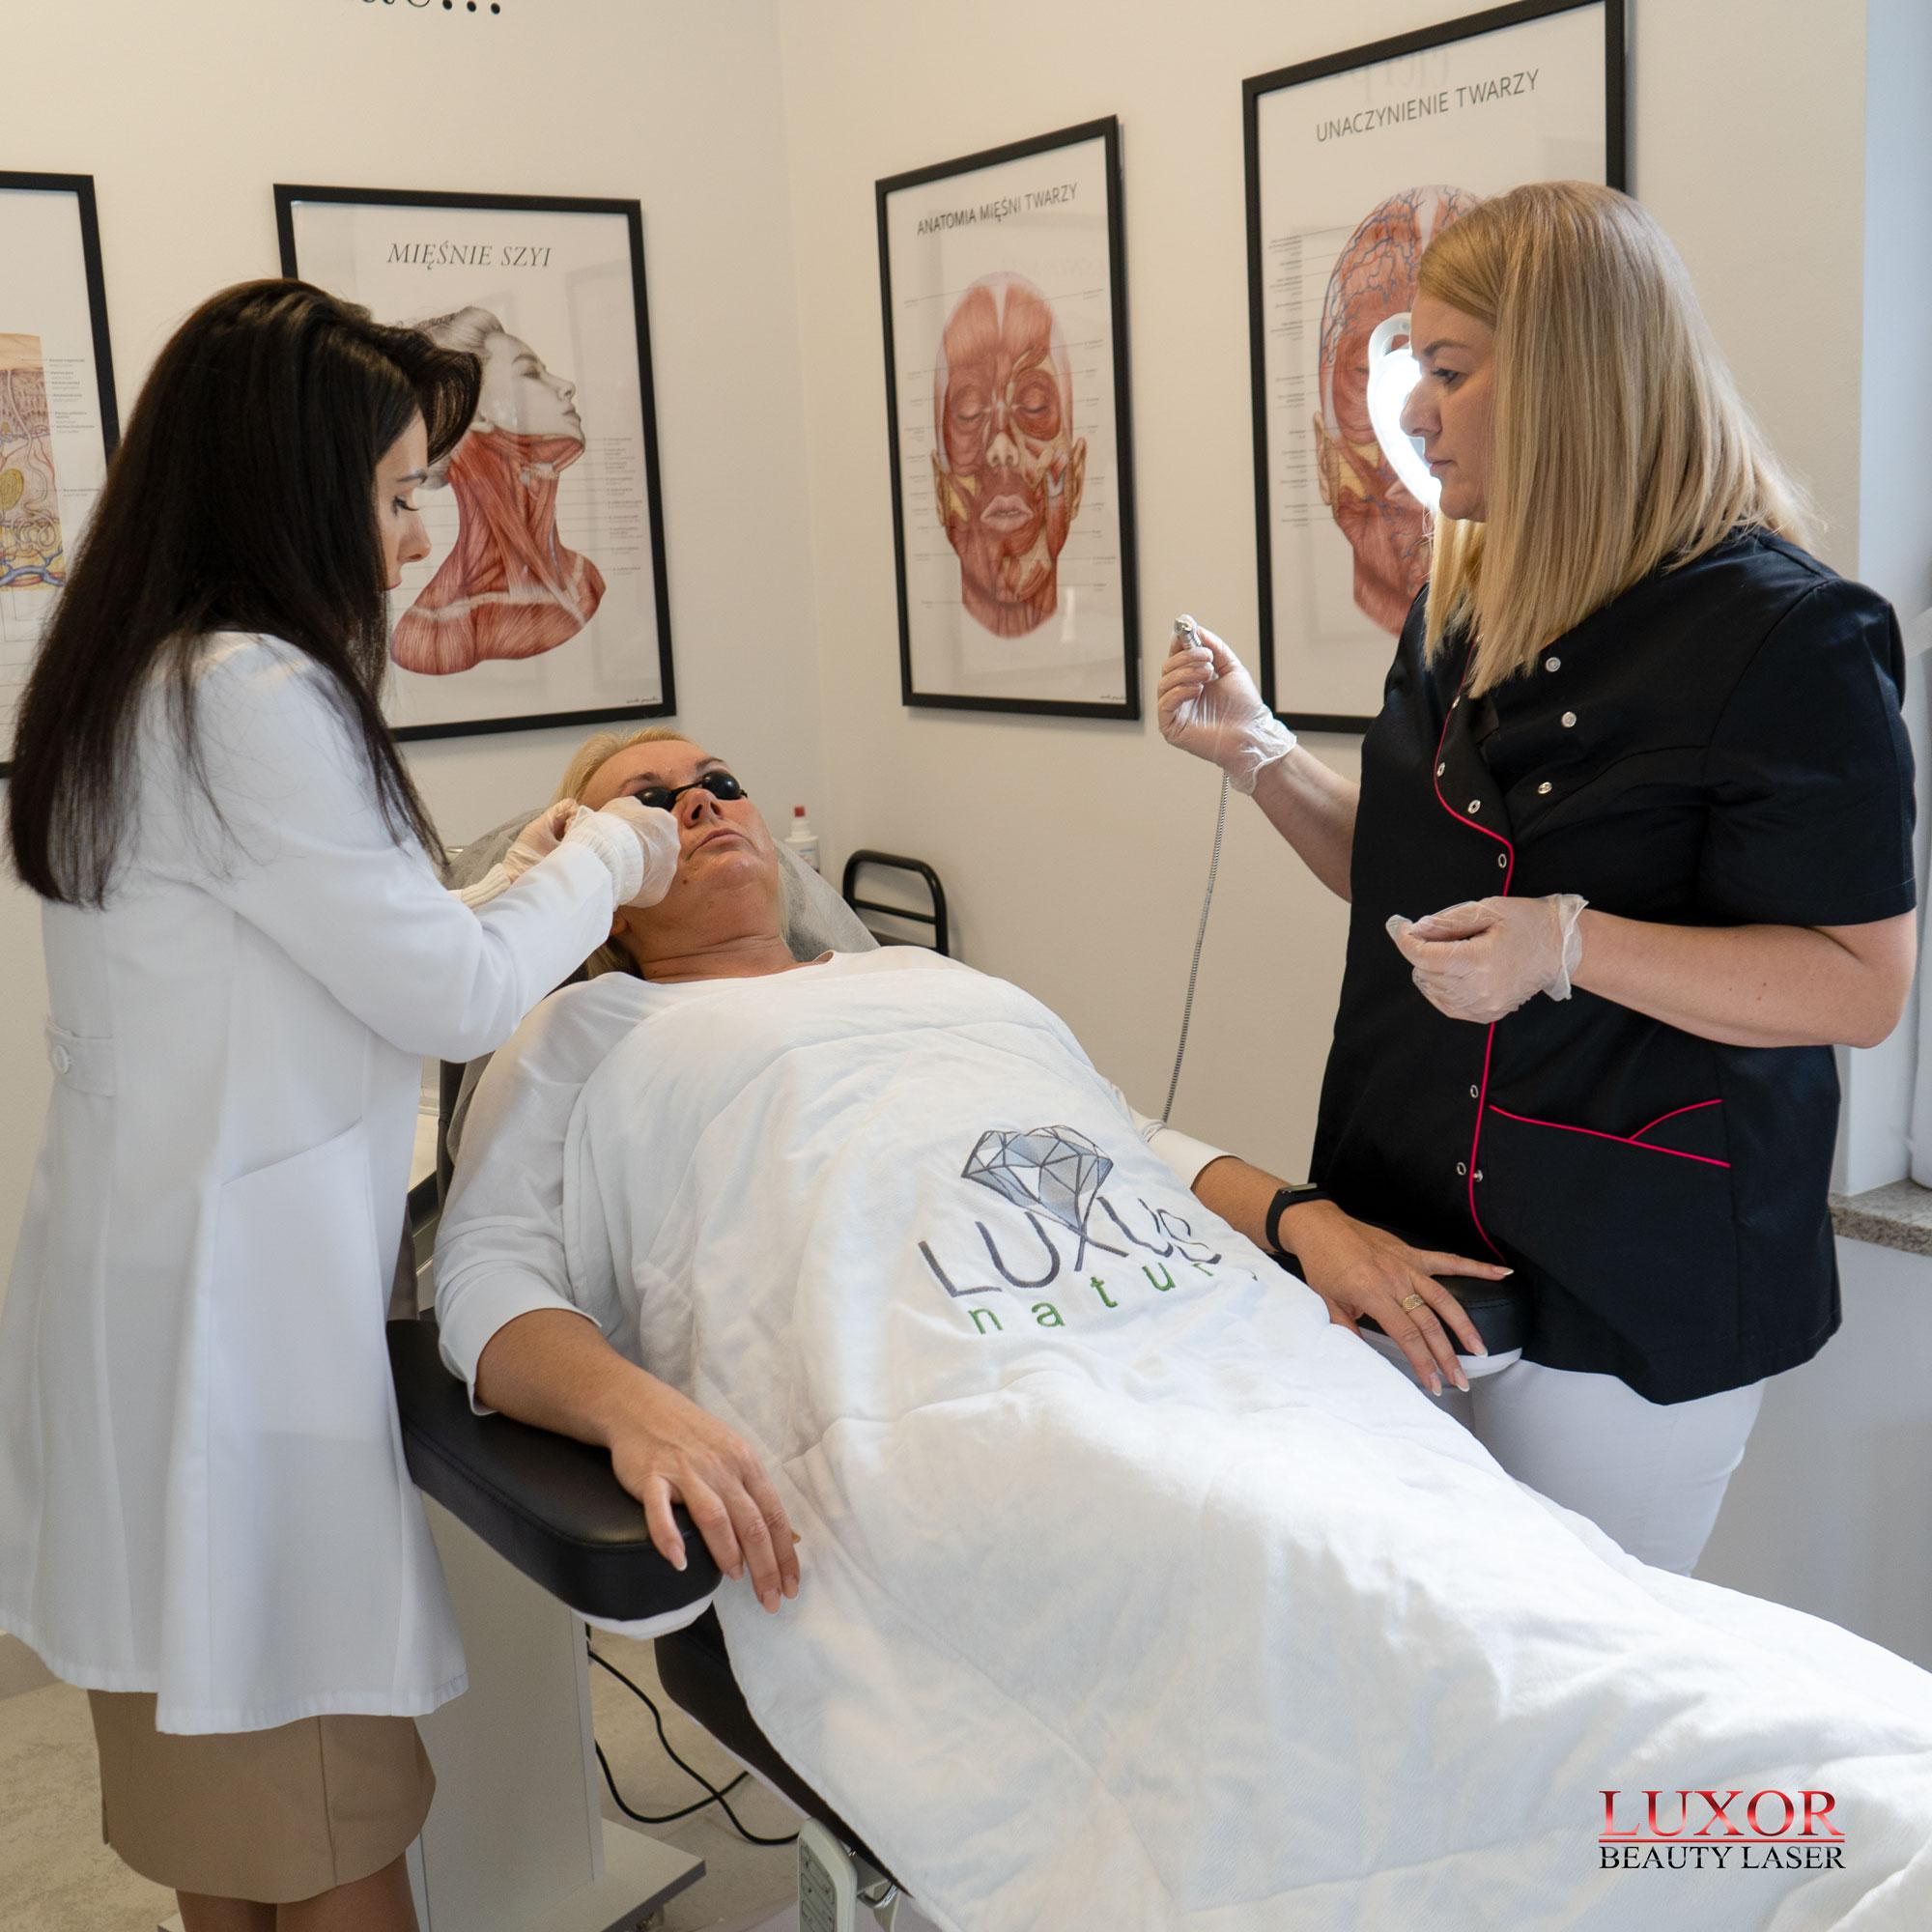 Luxor Beauty Laser to maszyna z laserem diodowym niezbędnym w każdym gabinecie kosmetologicznym